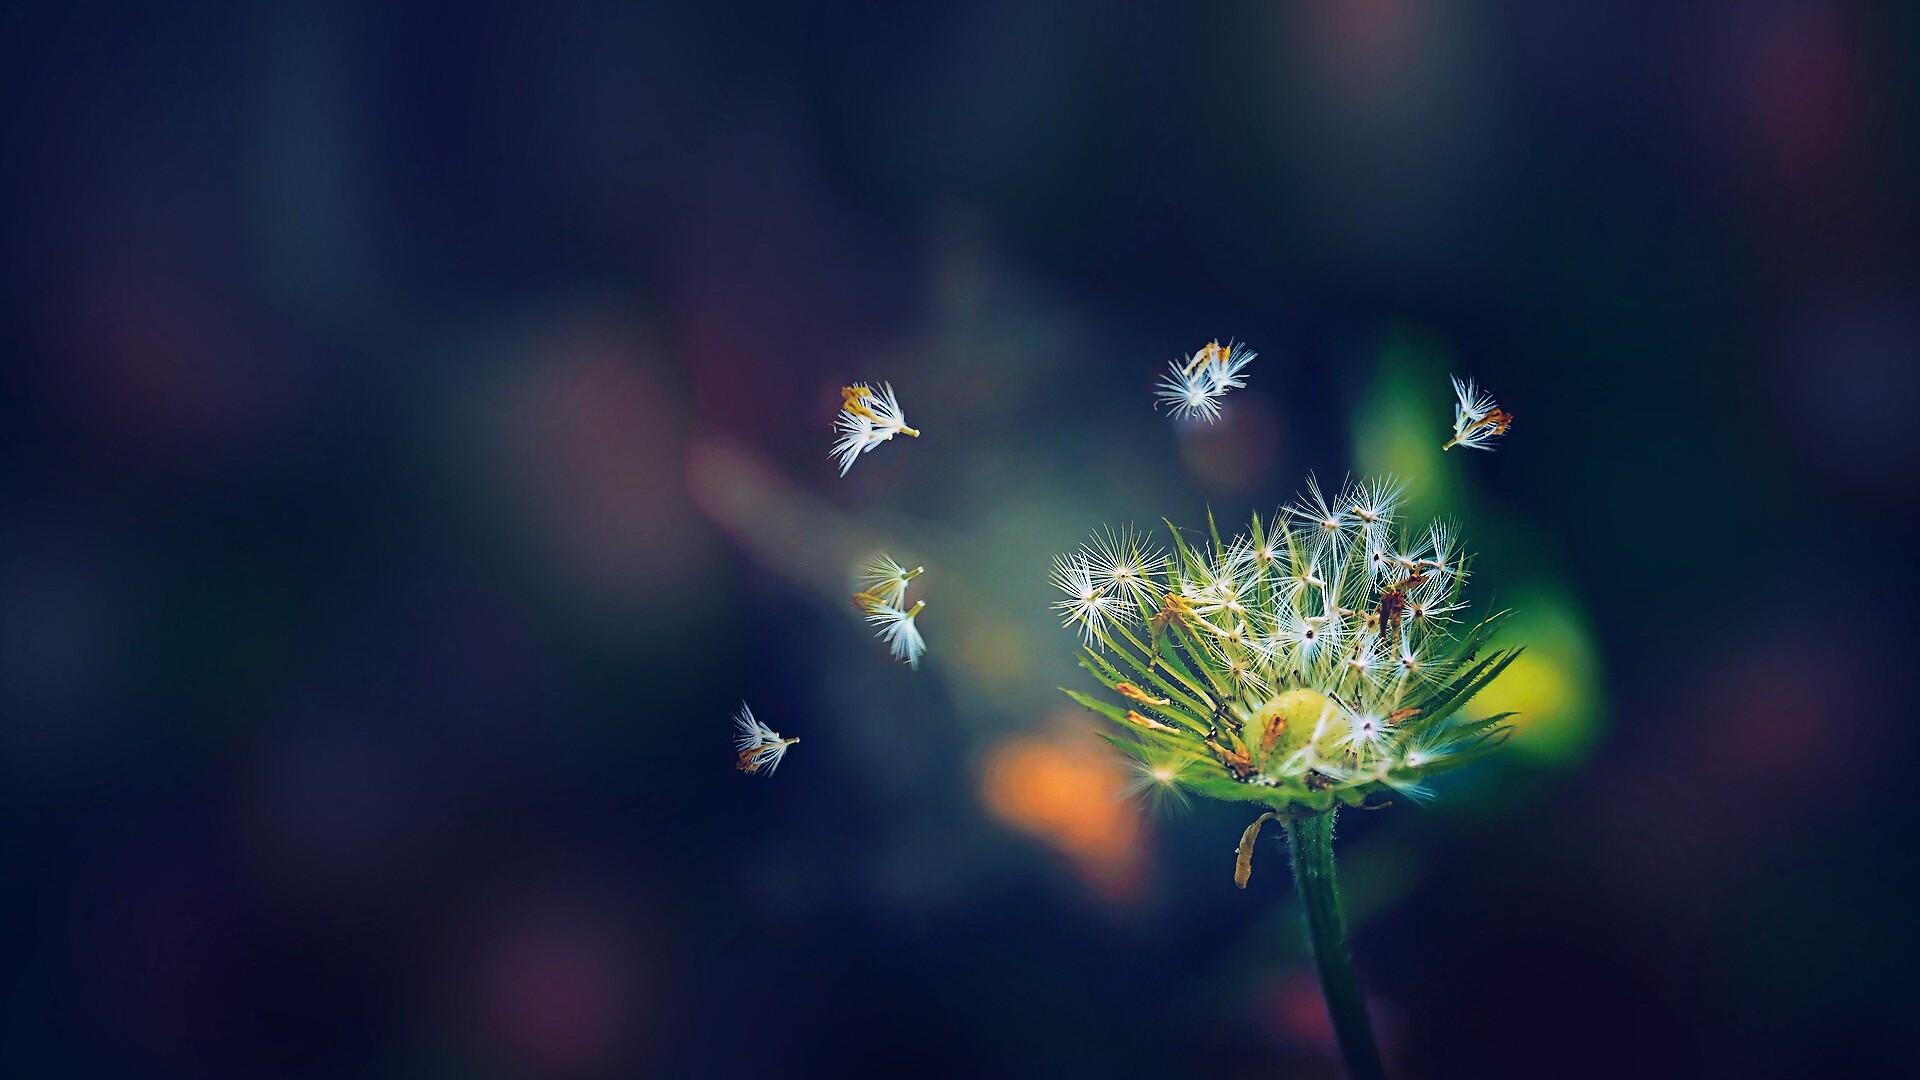 1920x1080 dandelion flies flowers laptop full hd 1080p hd - Dandelion hd wallpapers 1080p ...